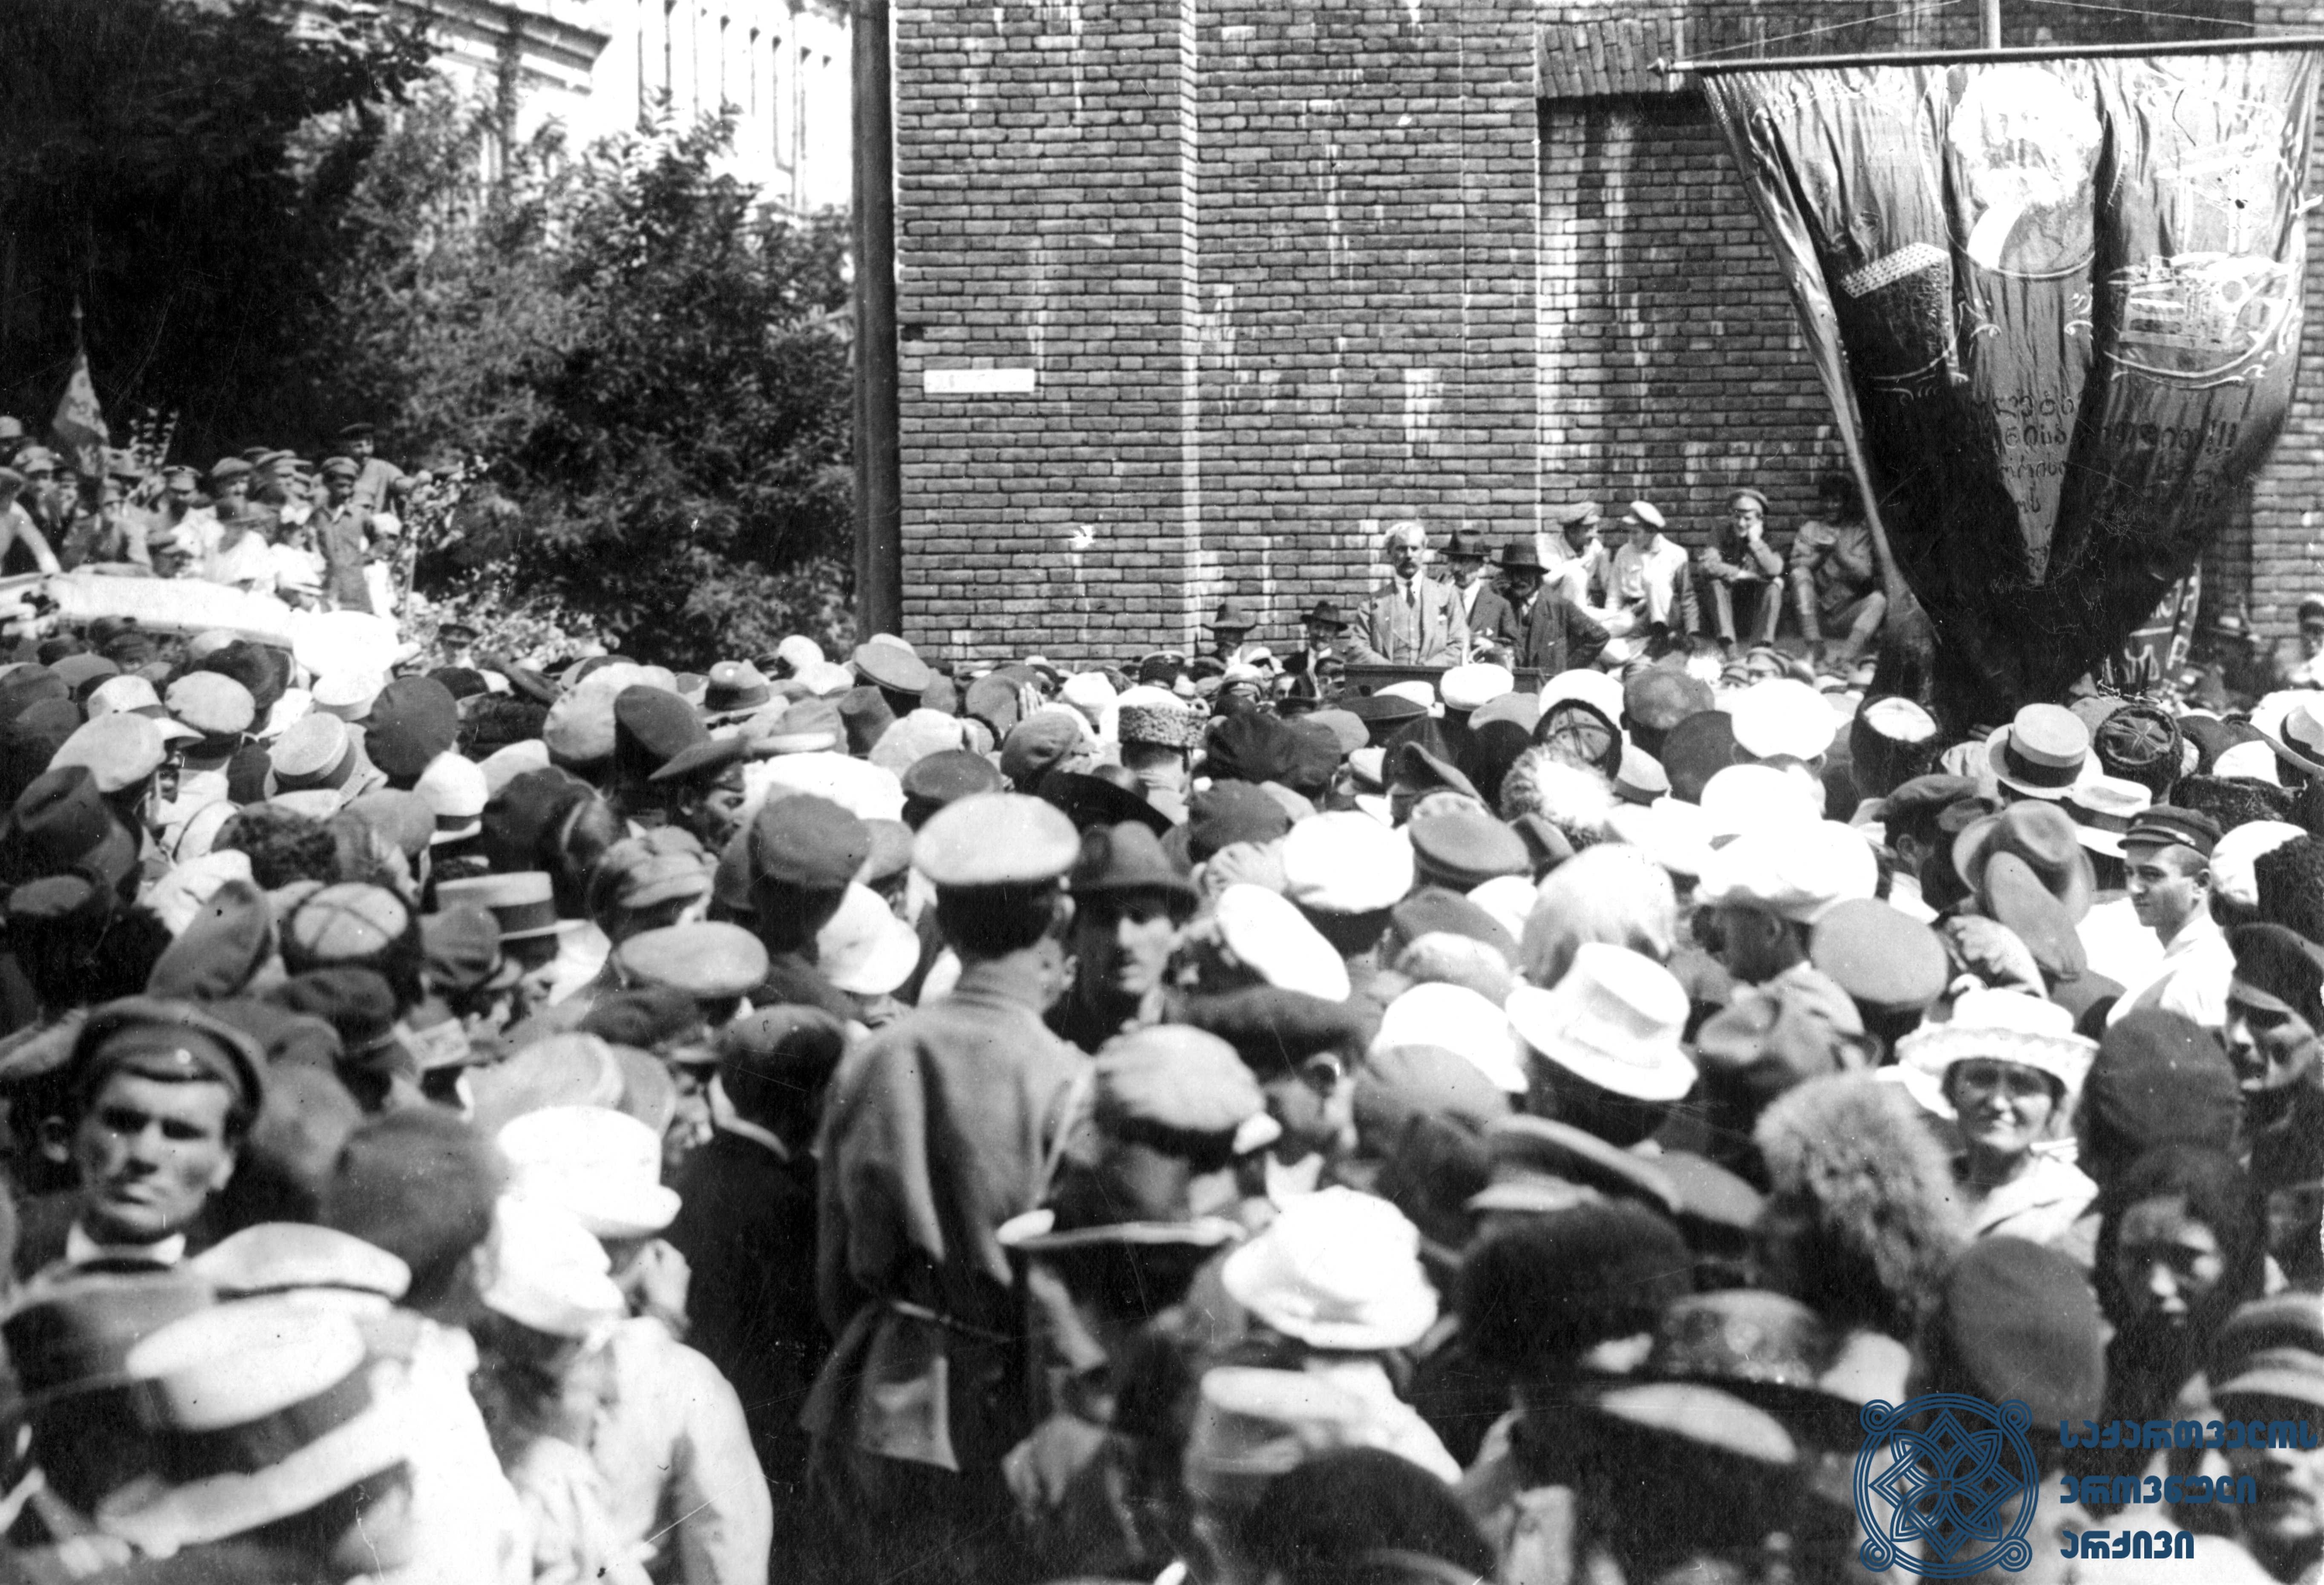 ინგლისელი სოციალისტის, ბრიტანეთის მომავალი პრემიერ-მინისტრის – რამზეი მაკდონალდის – სიტყვით გამოსვლა თბილისში მეორე სოციალისტური ინტერნაციონალის დელეგაციის ვიზიტის პატივსაცემად გამართულ დემონსტრაციაზე. 1920 წლის სექტემბერი. <br> British Socialist, future British Prime-Minister, Ramsay MacDonald is giving a speech at a demonstration, held in Tbilisi, dedicated to the visit of the delegation of the Second Socialist International. September 1920.